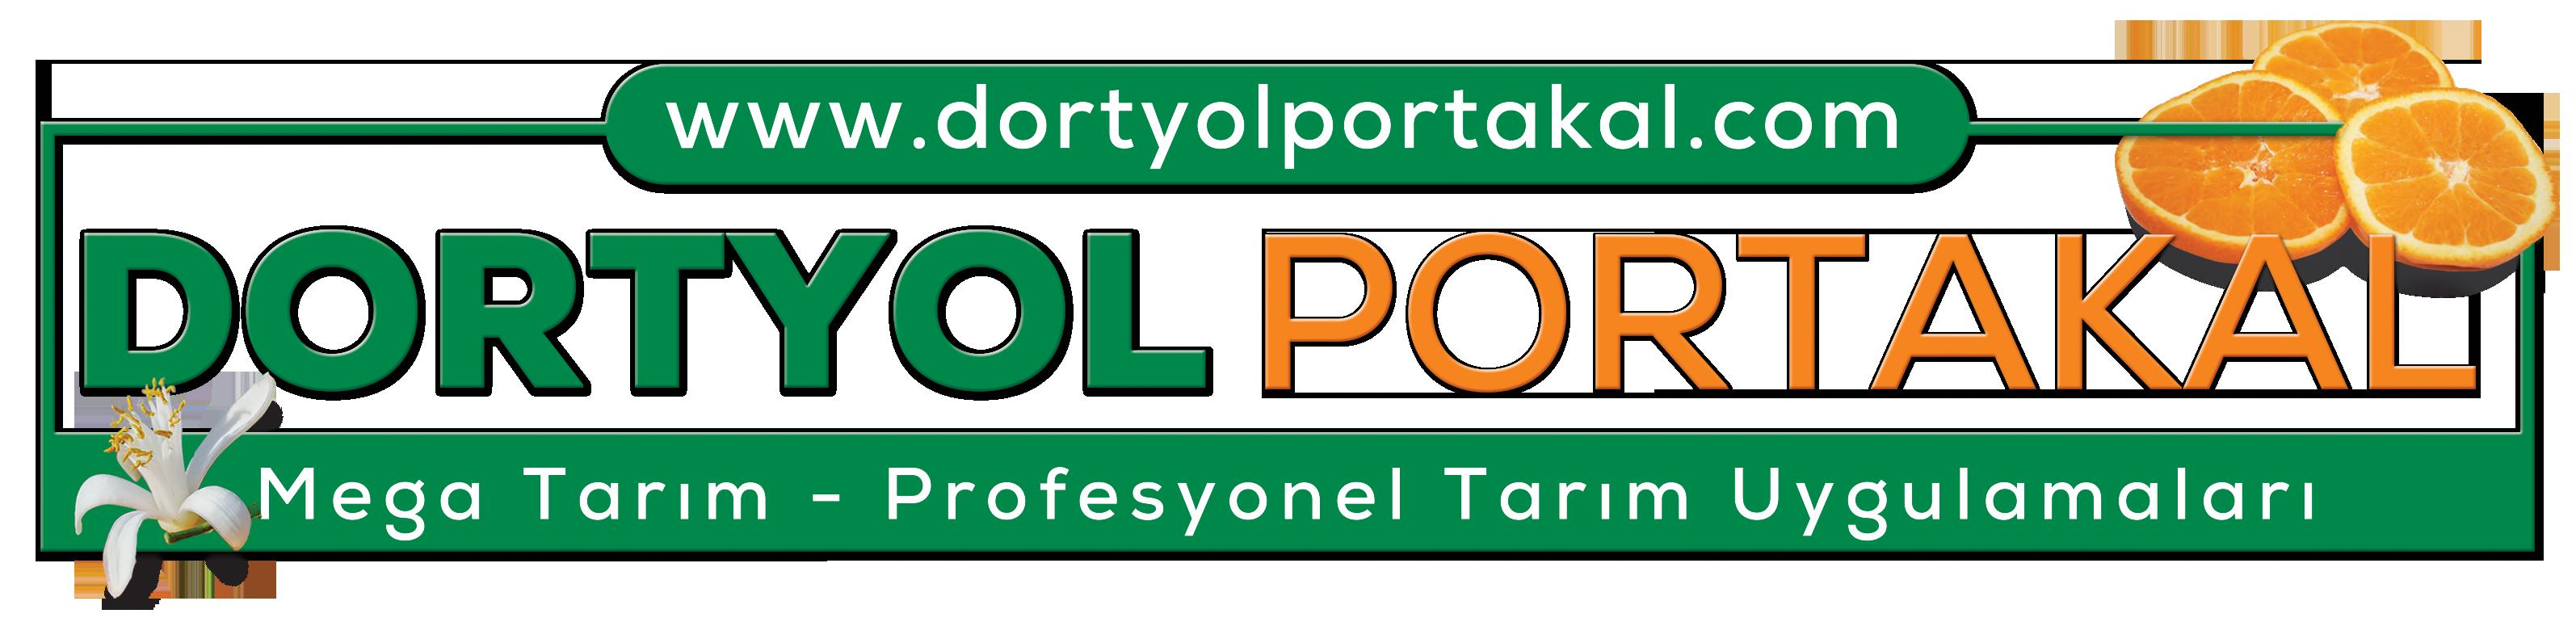 Dörtyol Portakal